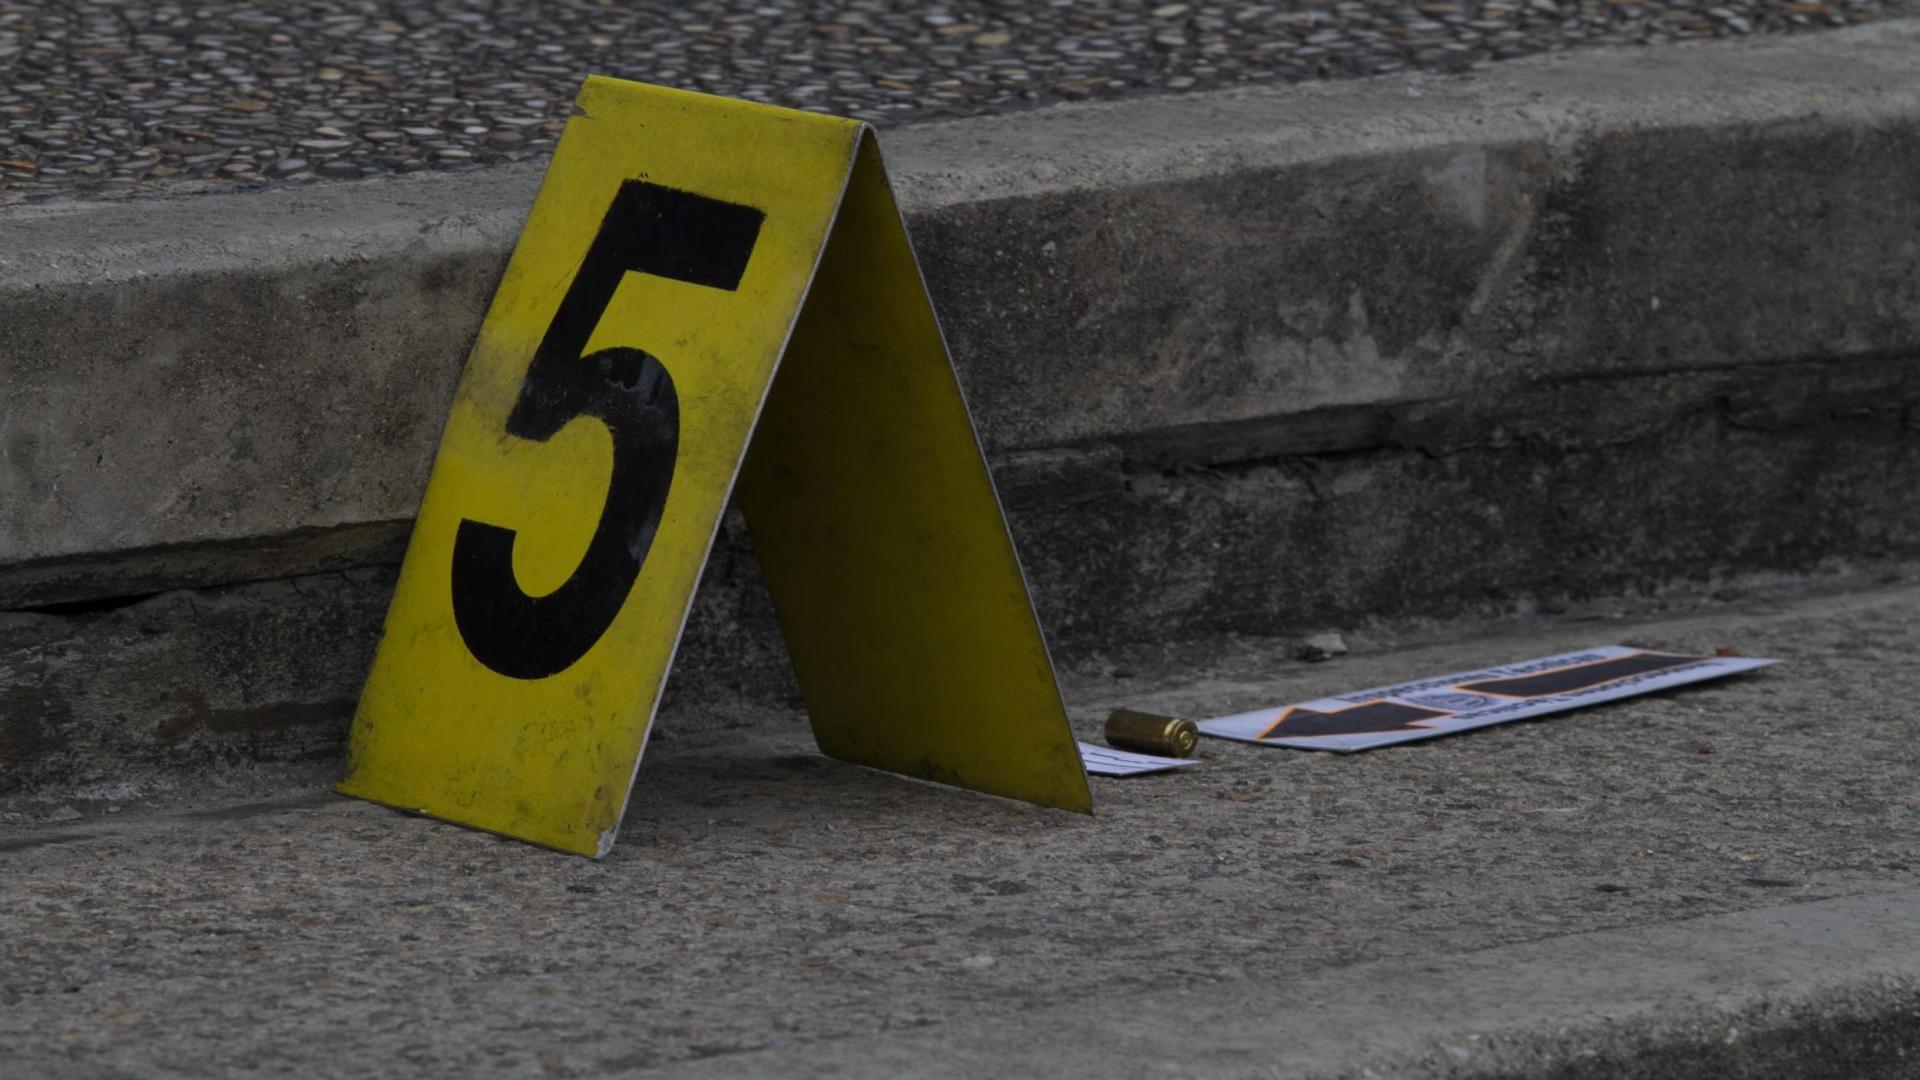 #MonitorDeVíctimas | Se llevan a un hombre a la fuerza y lo matan de un disparo